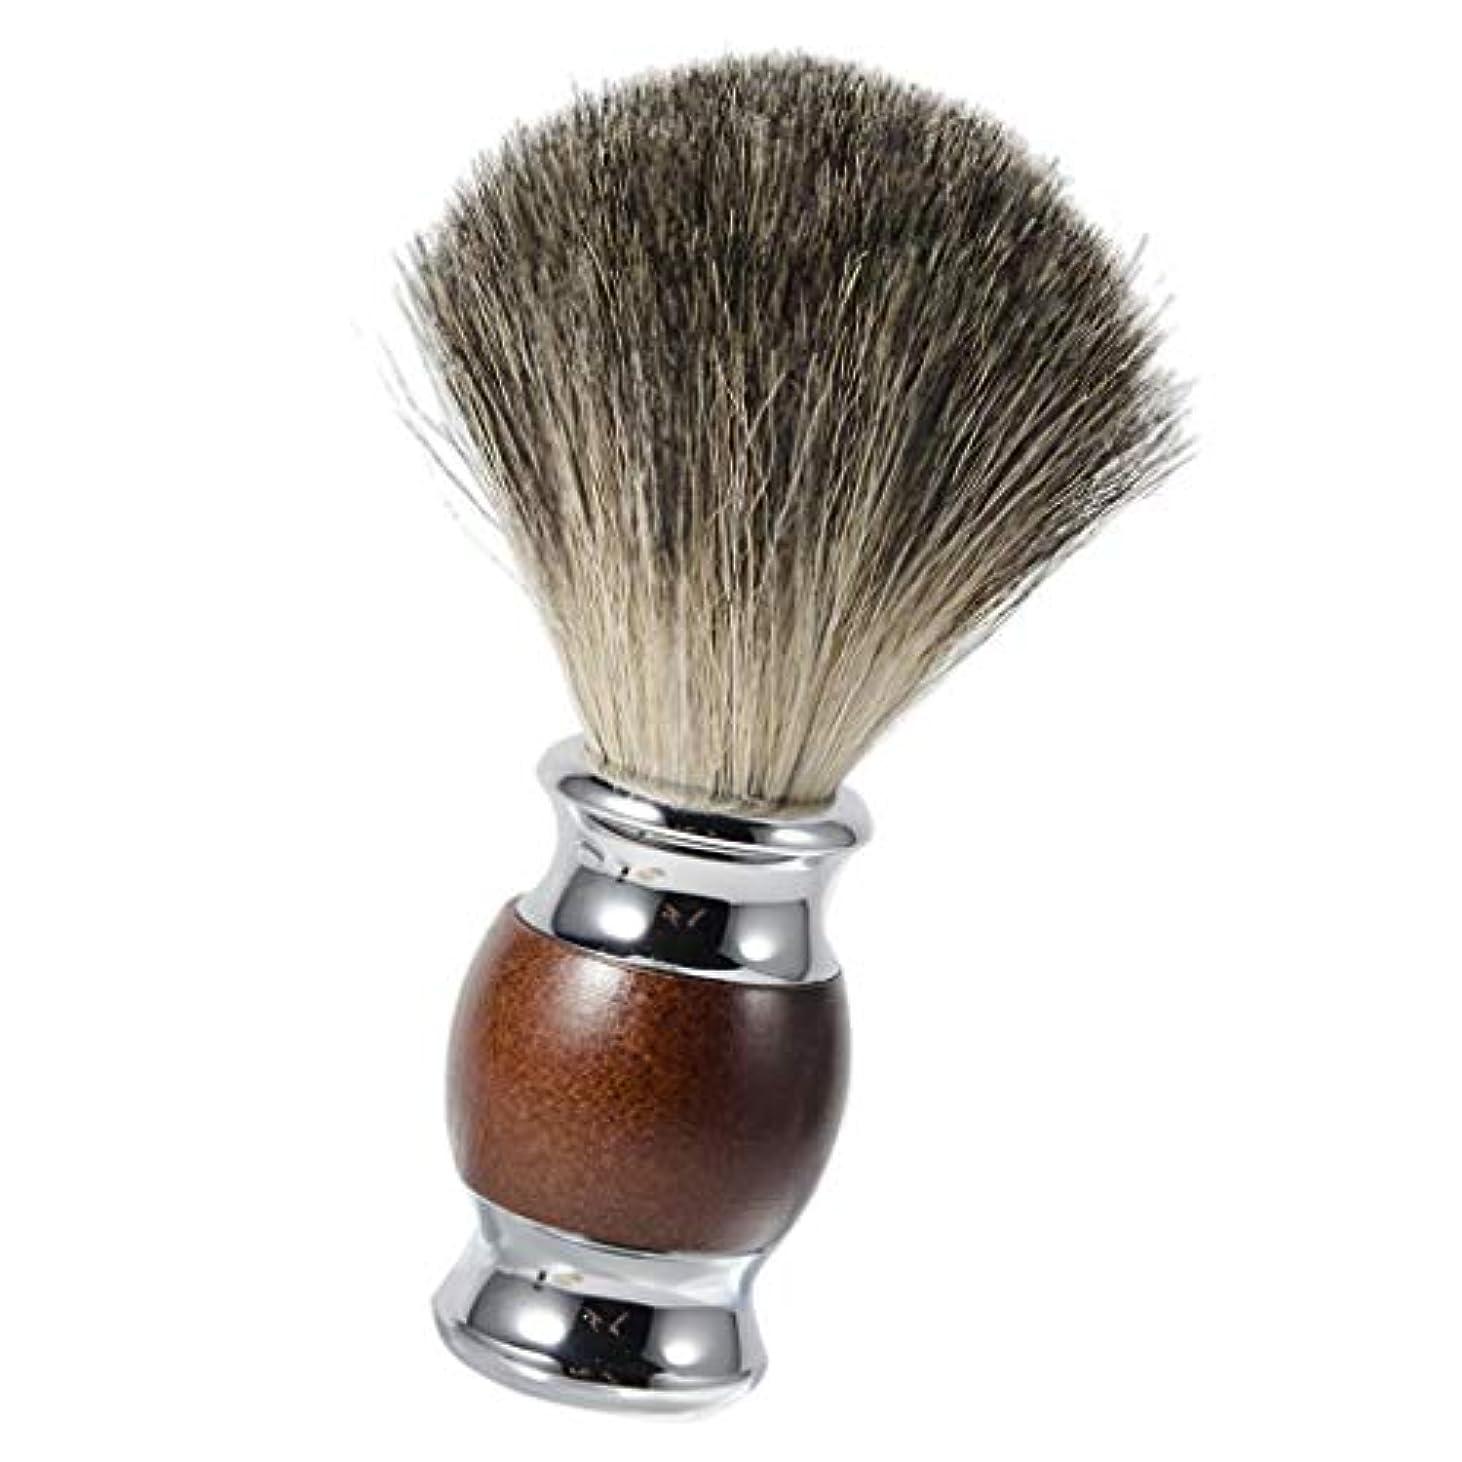 冷凍庫パトロール古いメンズ用 髭剃り ブラシ シェービングブラシ 木製ハンドル 理容 洗顔 髭剃り ギフト